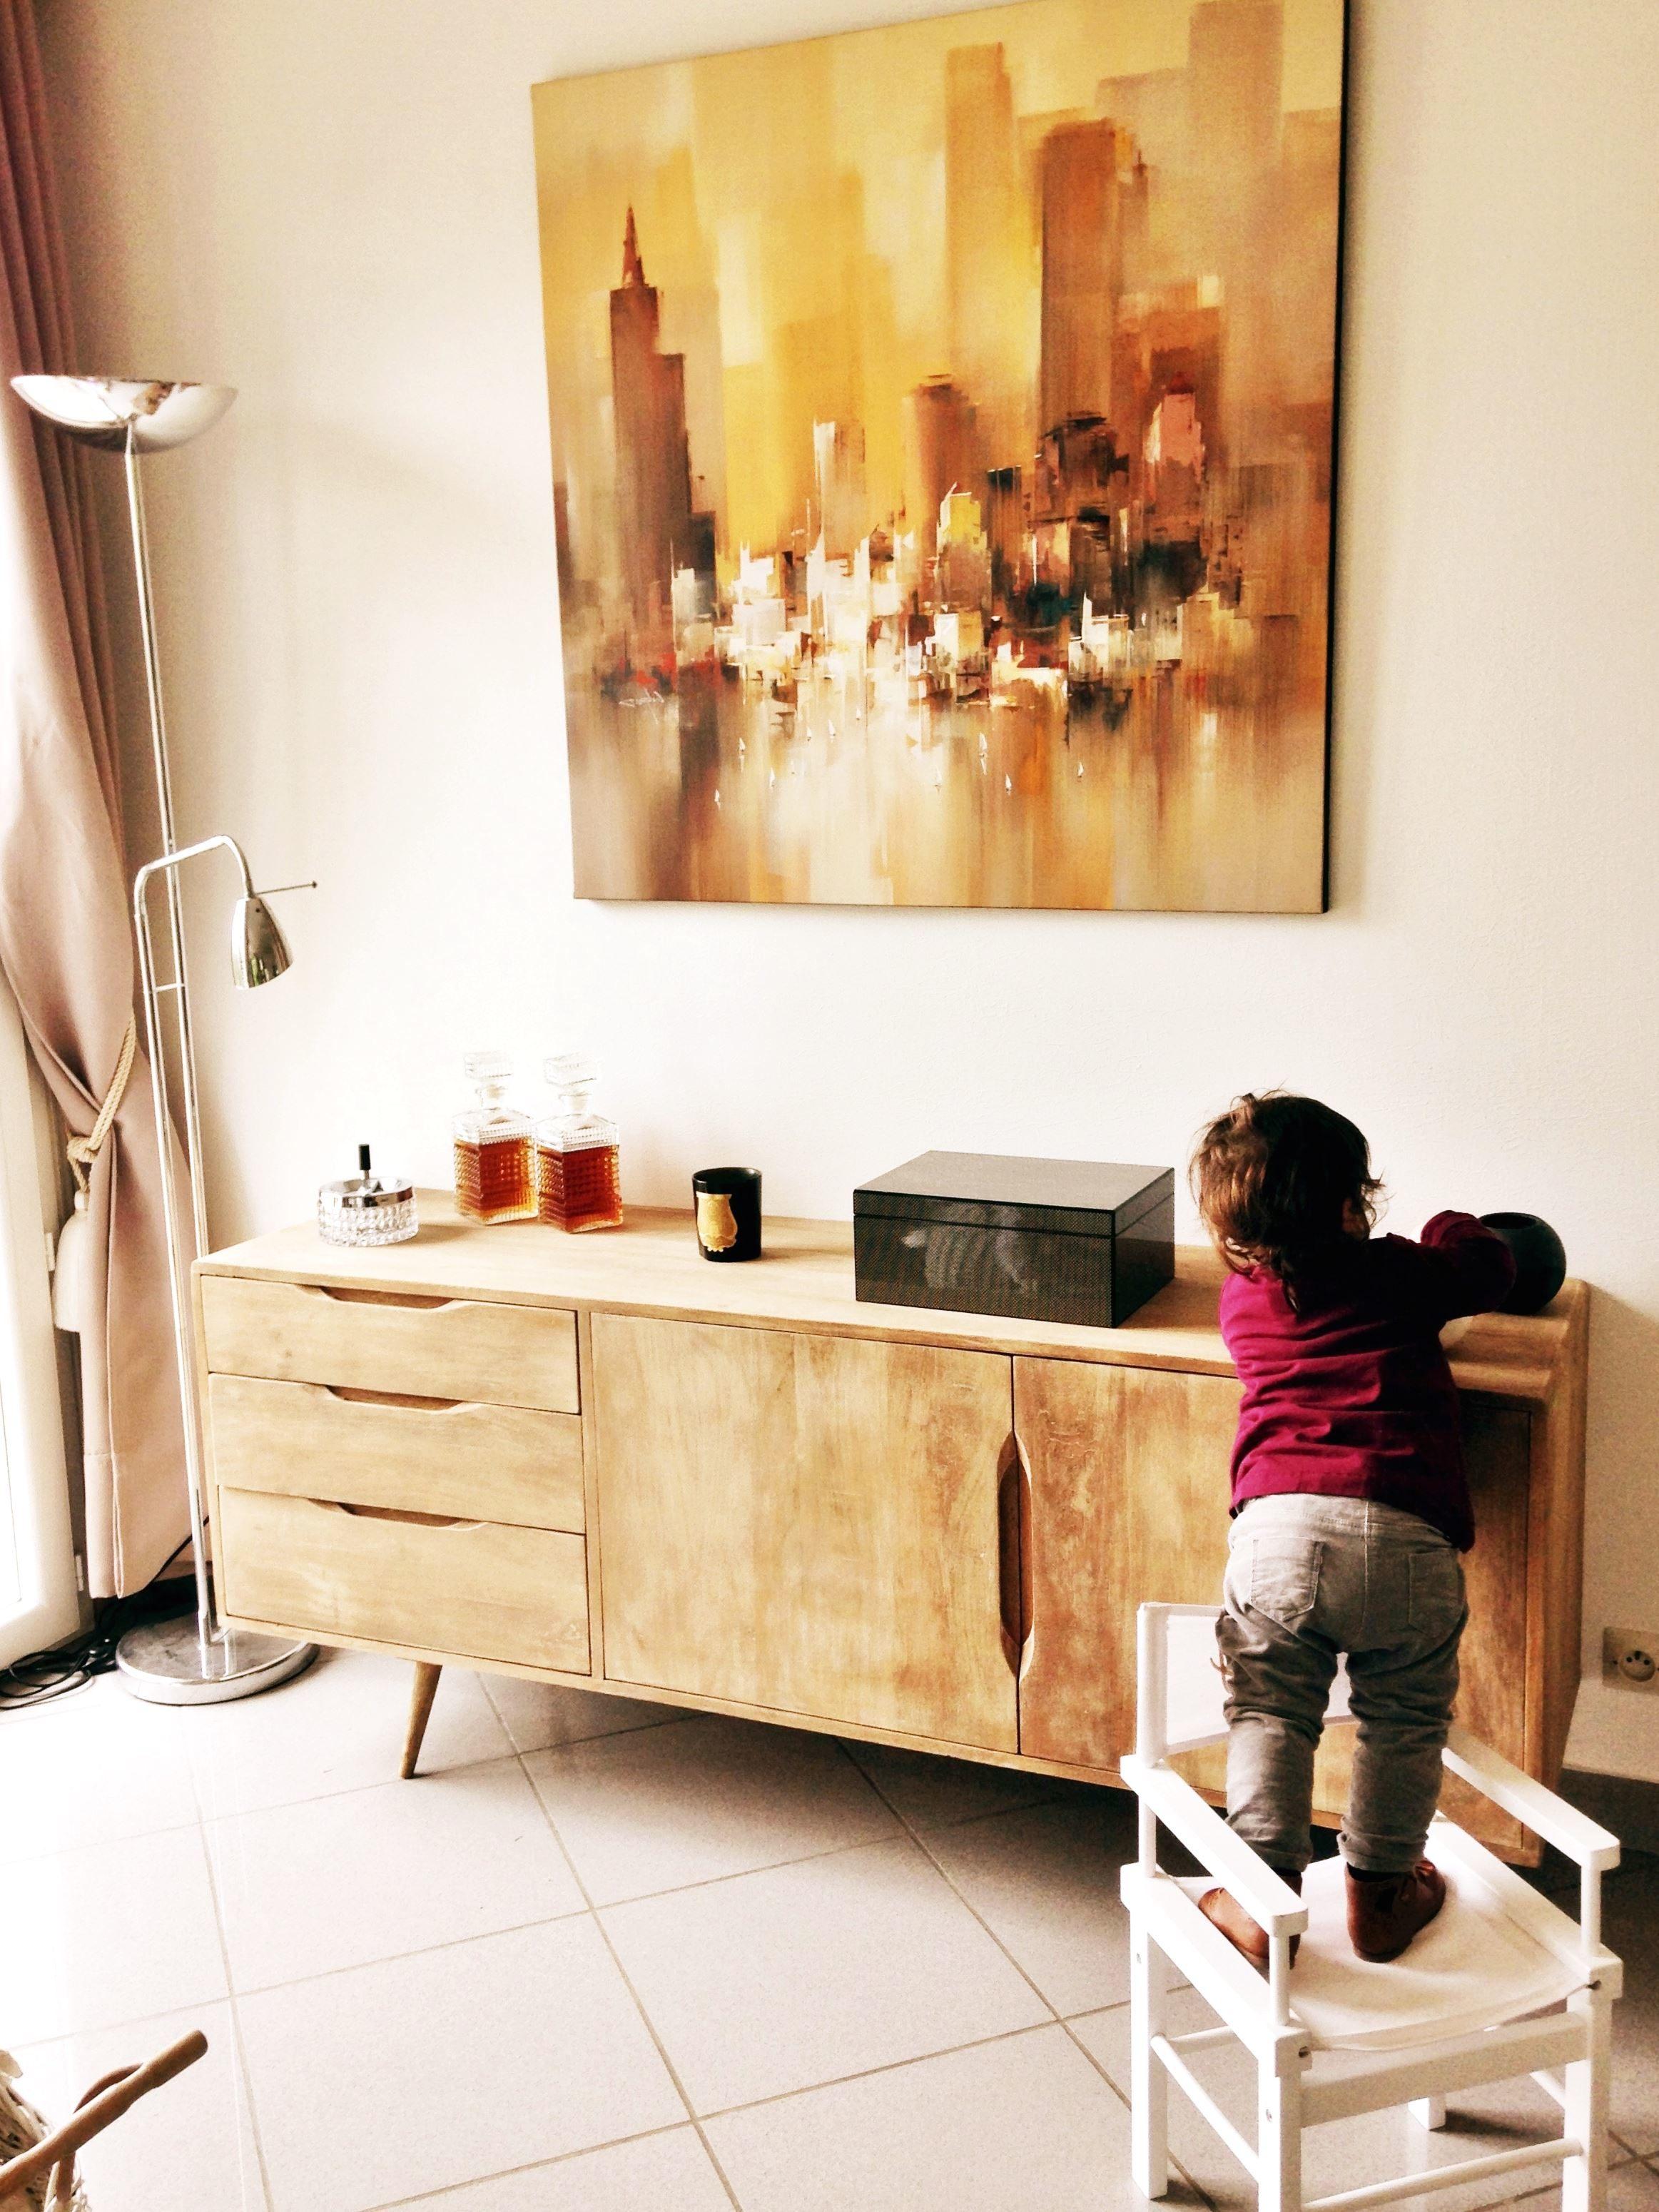 Image libre maison chambre bébé armoire chaise